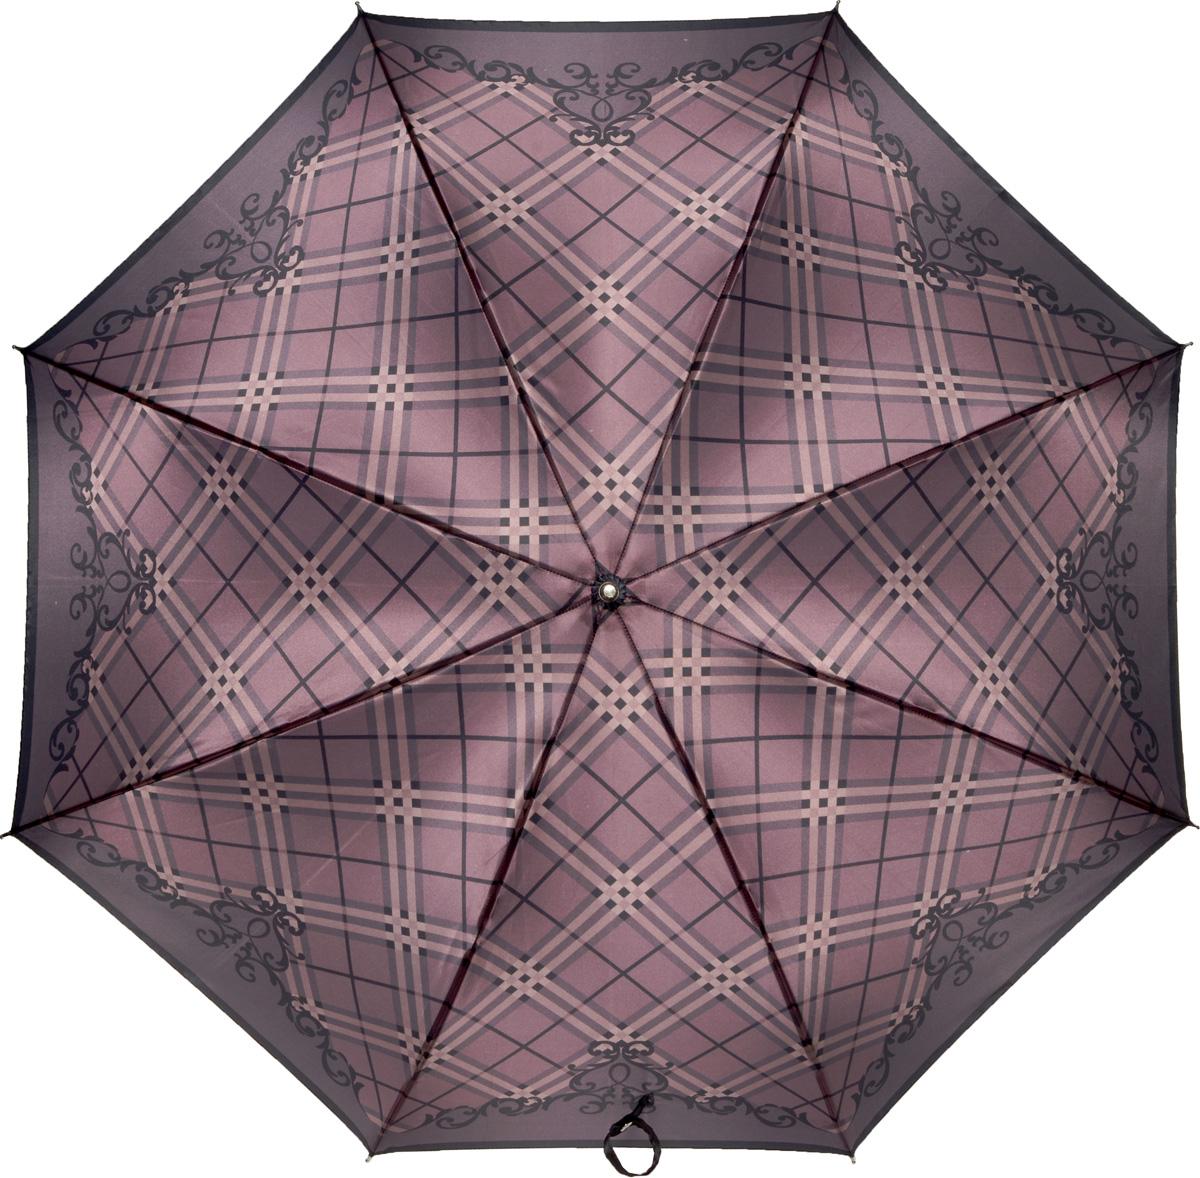 Зонт женский Fabretti, механика, трость, цвет: клетка. 16021602Зонт-трость женский Fabrett.Эффектный зонт-трость, выполненный из качественного материала и украшенный стильным контрастным рисунком. Надежно защитит Вас от непогоды.